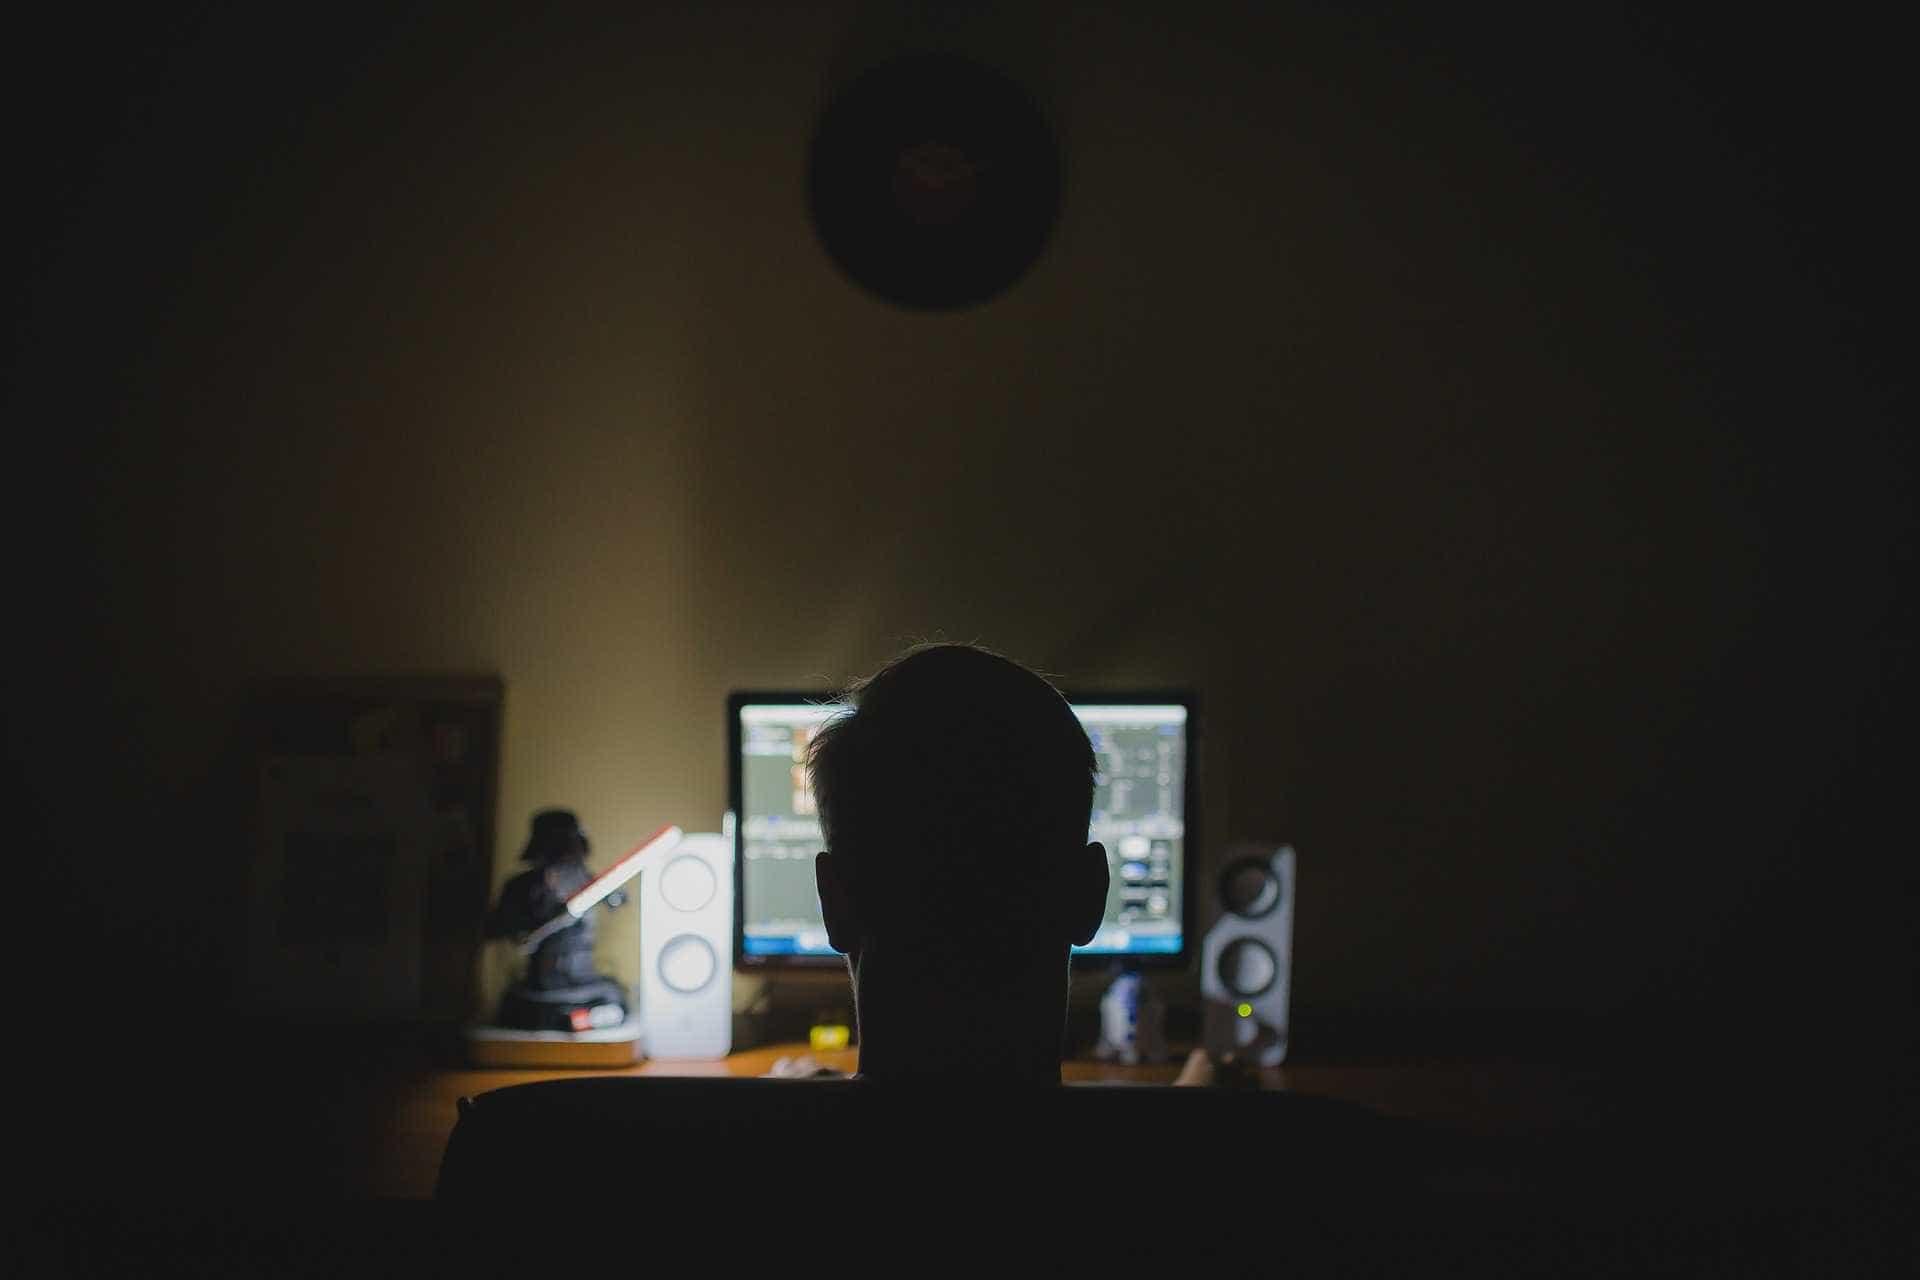 Governo quer levar internet via satélite a municípios sem conexão